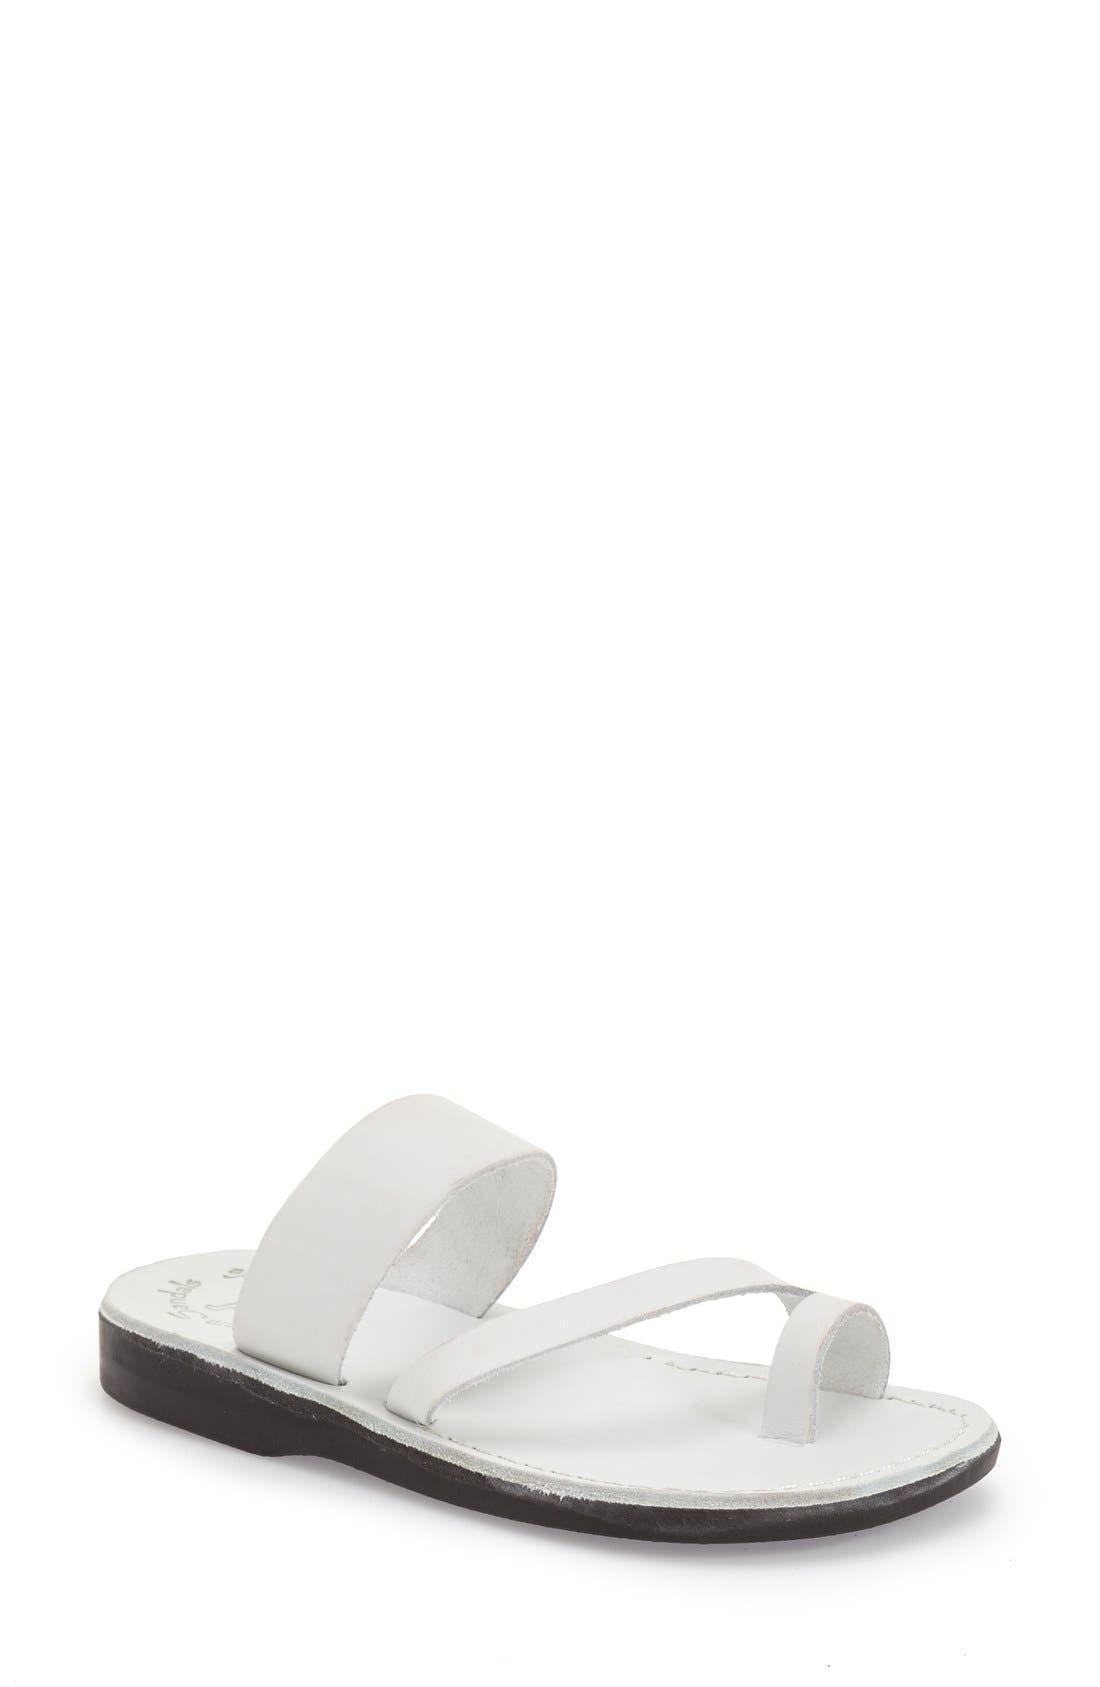 Main Image - Jerusalem Sandals 'Zohar' Leather Sandal (Women)